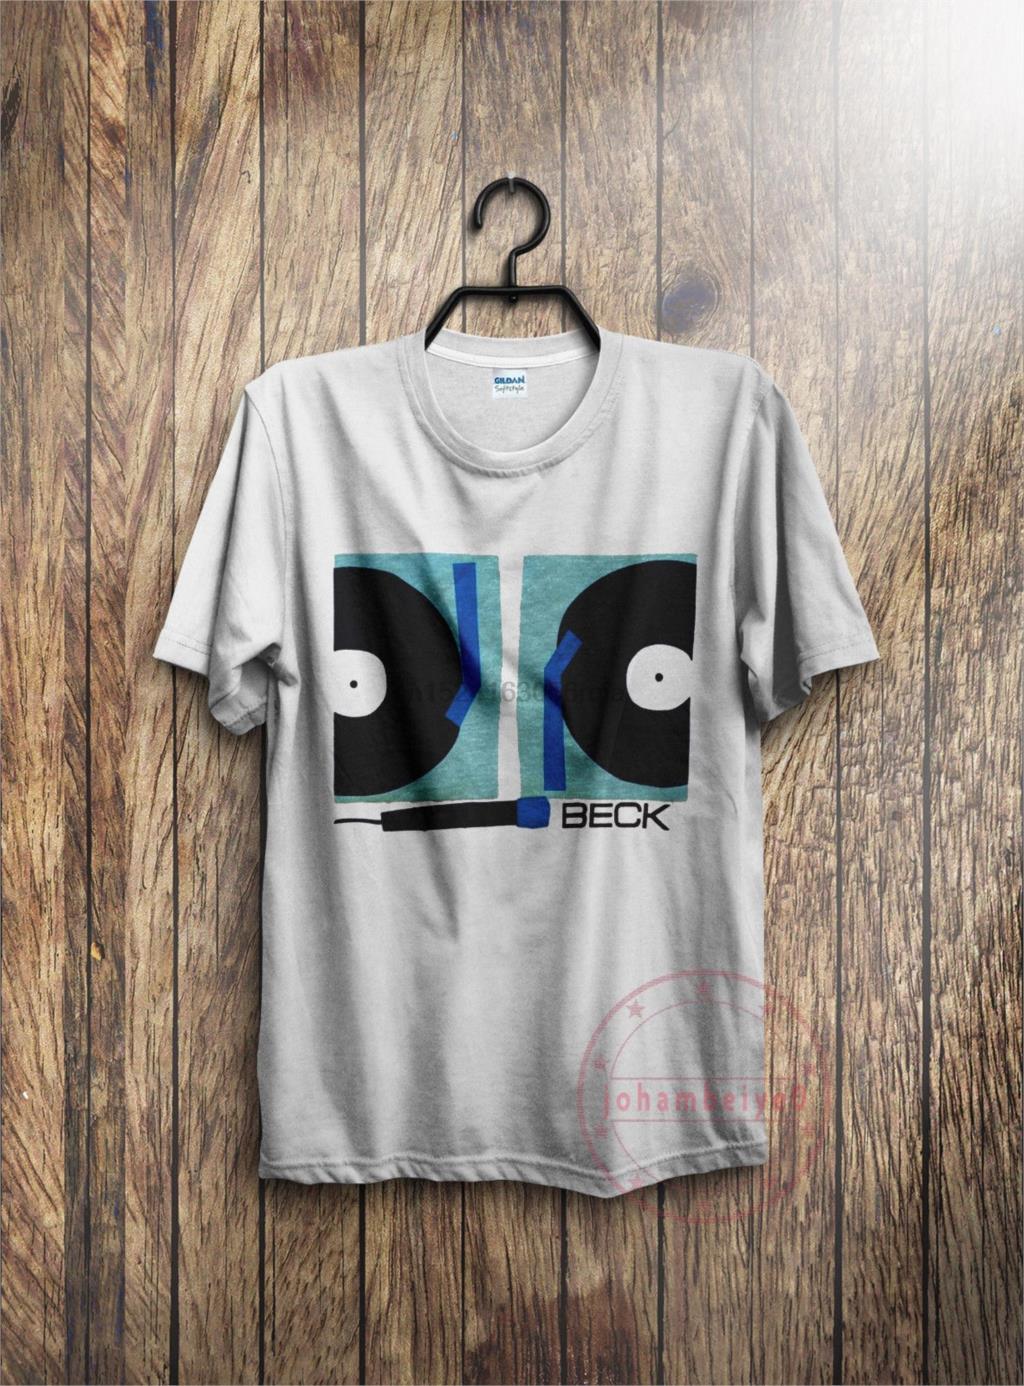 ef60daaf Vintage band BECK 90s grunge rock band reprint t-shirt hip hop alternative  rock